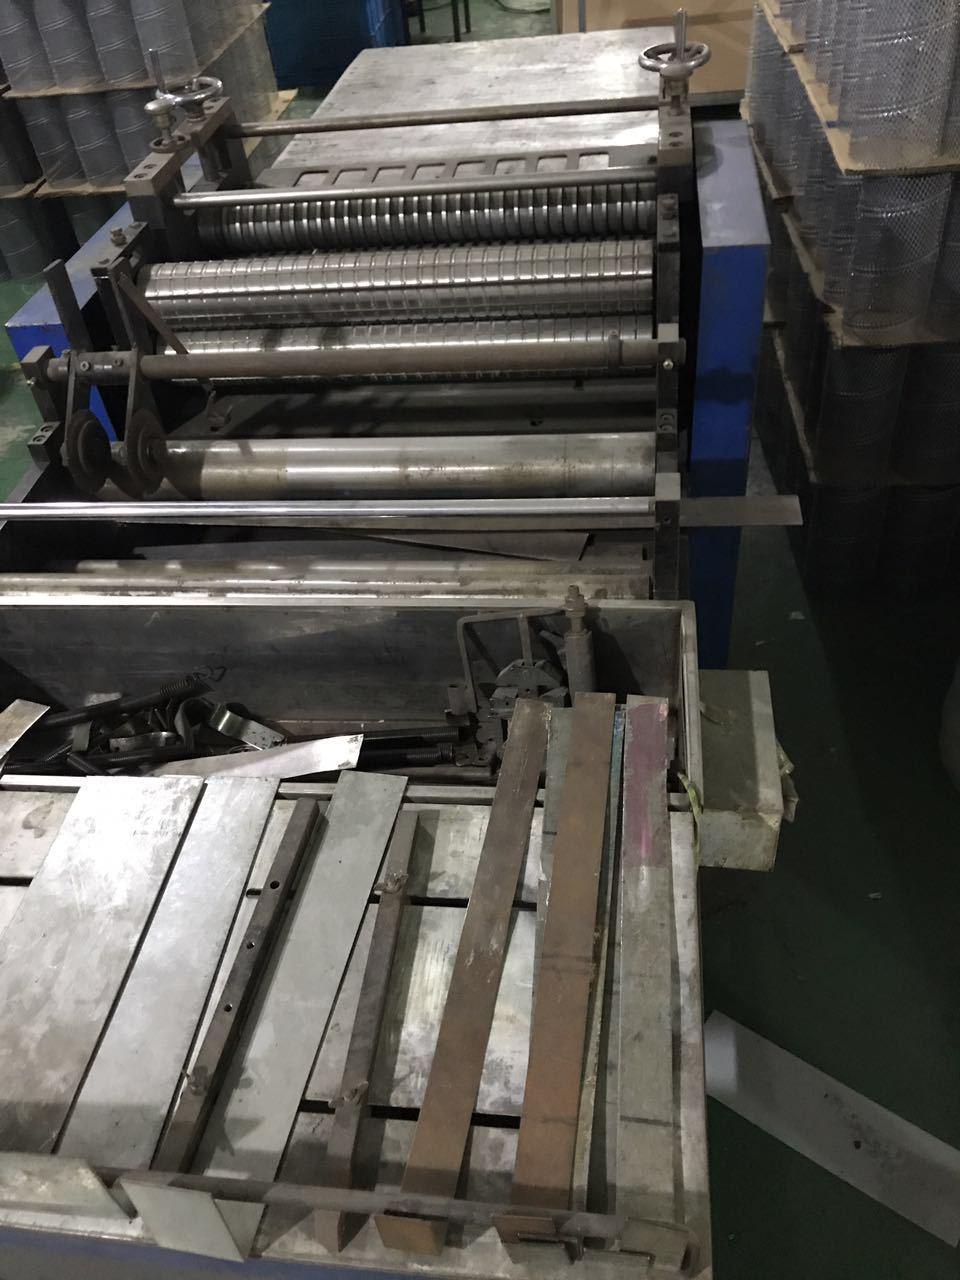 滤清器公用设施旧设施解决过滤器公用设施 旧设备